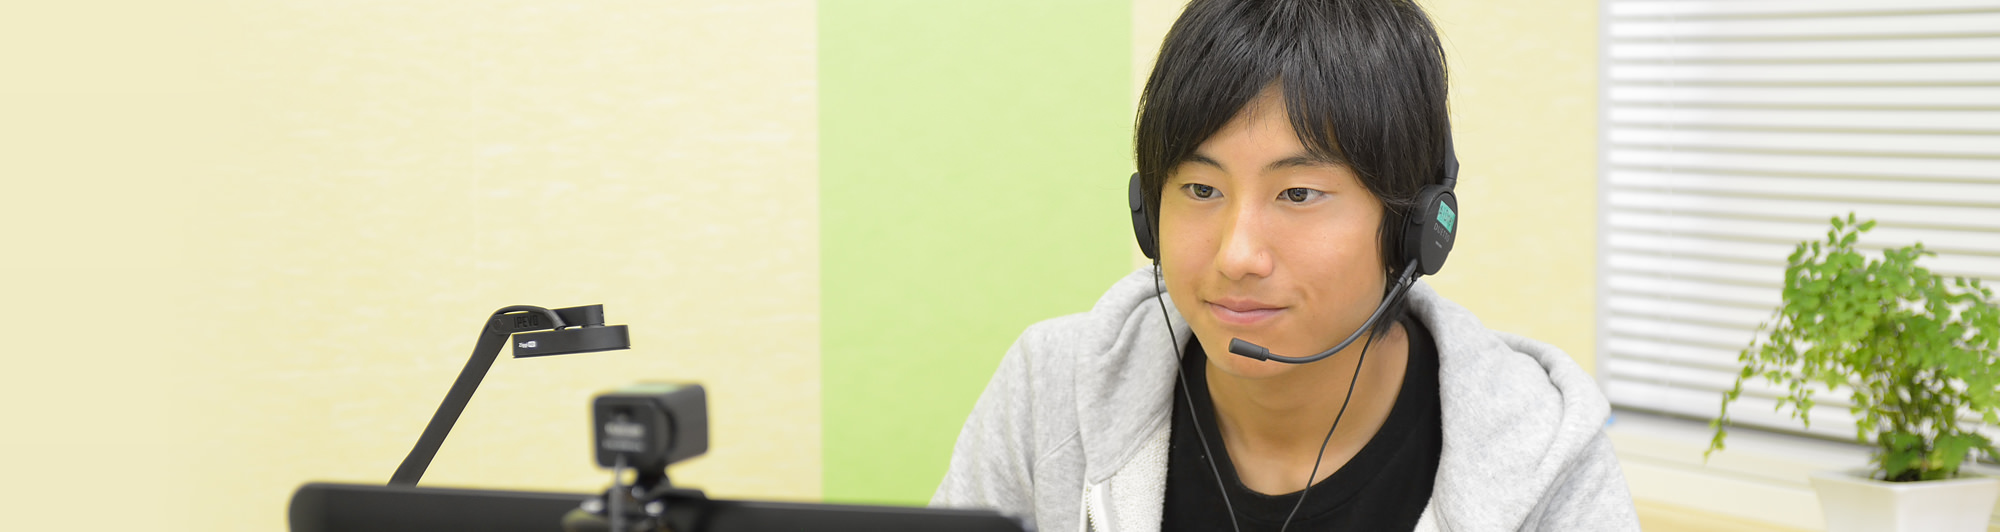 高校生コース|映像授業ではない自宅学習システムのエイドネット